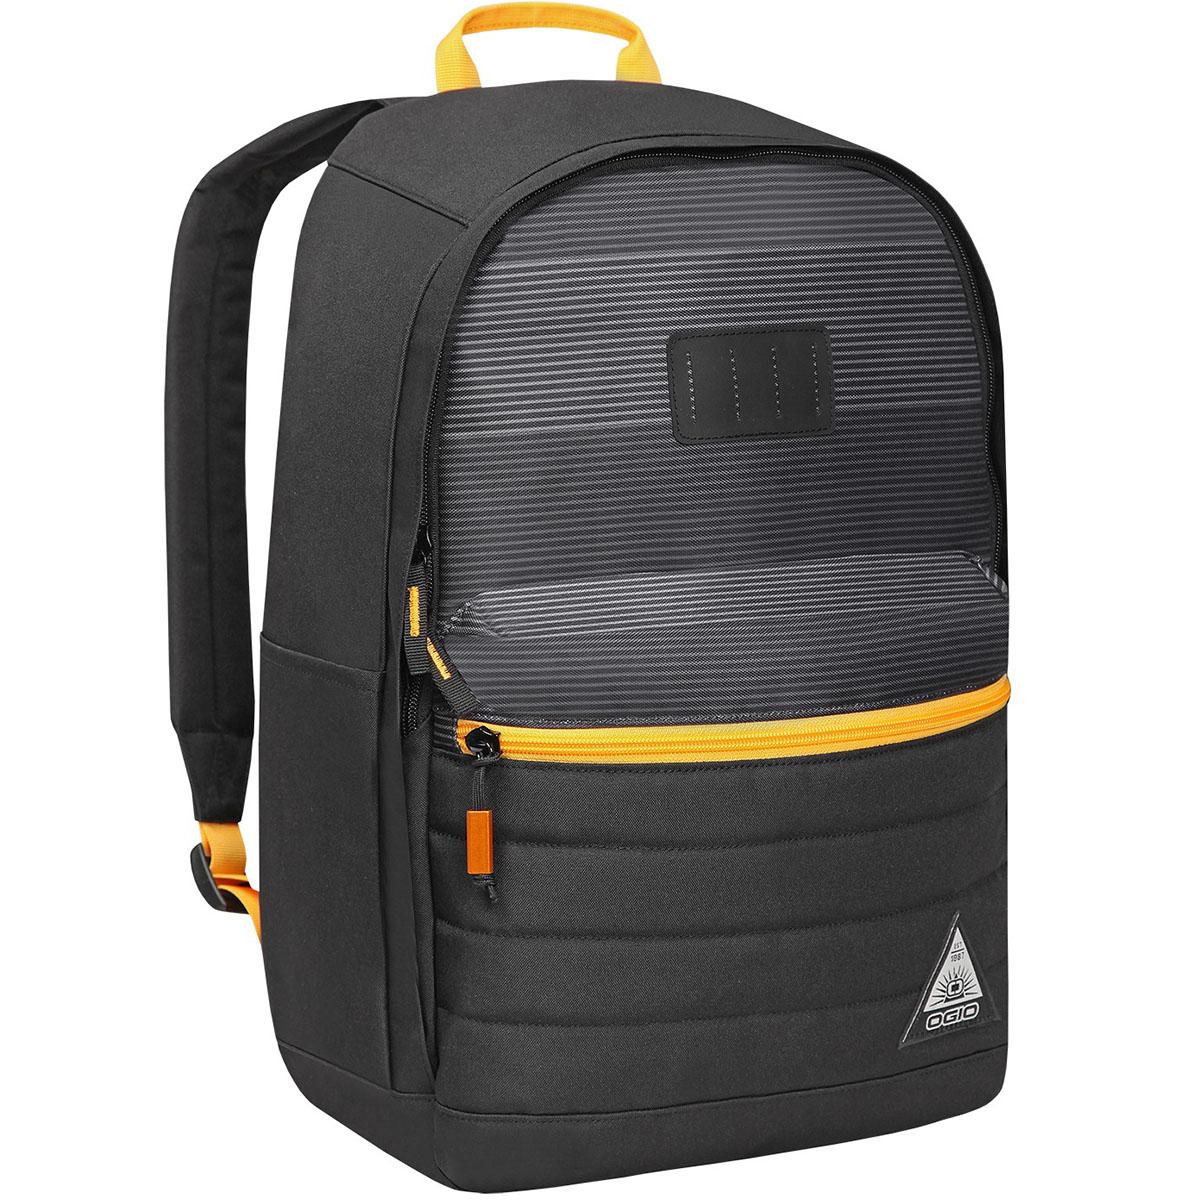 Рюкзак городской OGIO Urban. Lewis Pack (A/S), цвет: темно-серый, желтый. 031652226968031652226968Рюкзак OGIO Urban. Lewis Pack (A/S) разработан для ярких и модных людей! Он позволит вам взять с собой все необходимое. Рюкзак OGIO Urban. Lewis Pack (A/S) компактный, но при этом достаточно вместительный. Имеется специализированный отсек для ноутбука, а также уплотненный карман для ценных вещей на молнии. Внешний передний и боковой карманы на вертикальной молнии обеспечивают быстрый доступ к содержимому, позволяя всегда держать необходимые аксессуары и документы поблизости.OGIO - высокотехнологичный продукт от американского производителя. Вместимые сумки для путешествий, работы и отдыха, специальная коллекция городских сумок для женщин, жесткие боксы под мелкий инвентарь и многое другое.